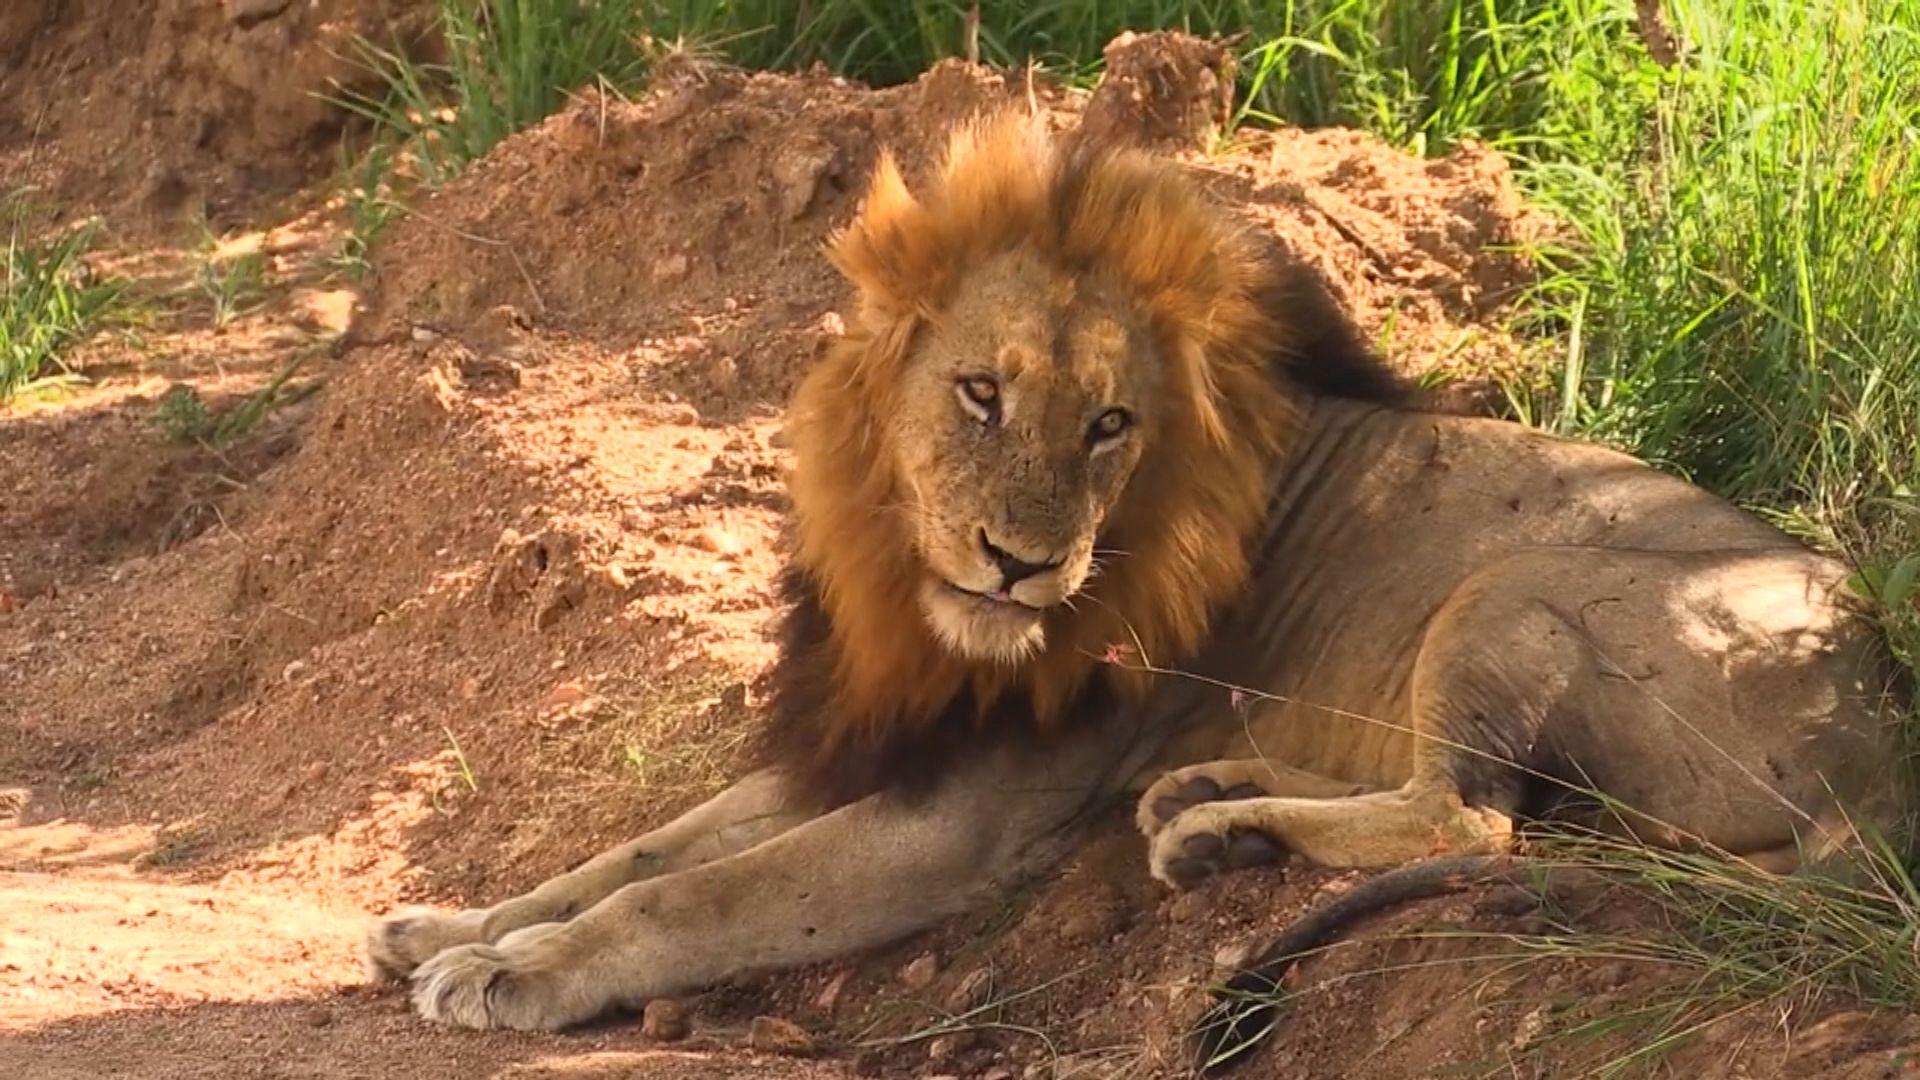 南非將禁止圈養獅子作商業用途